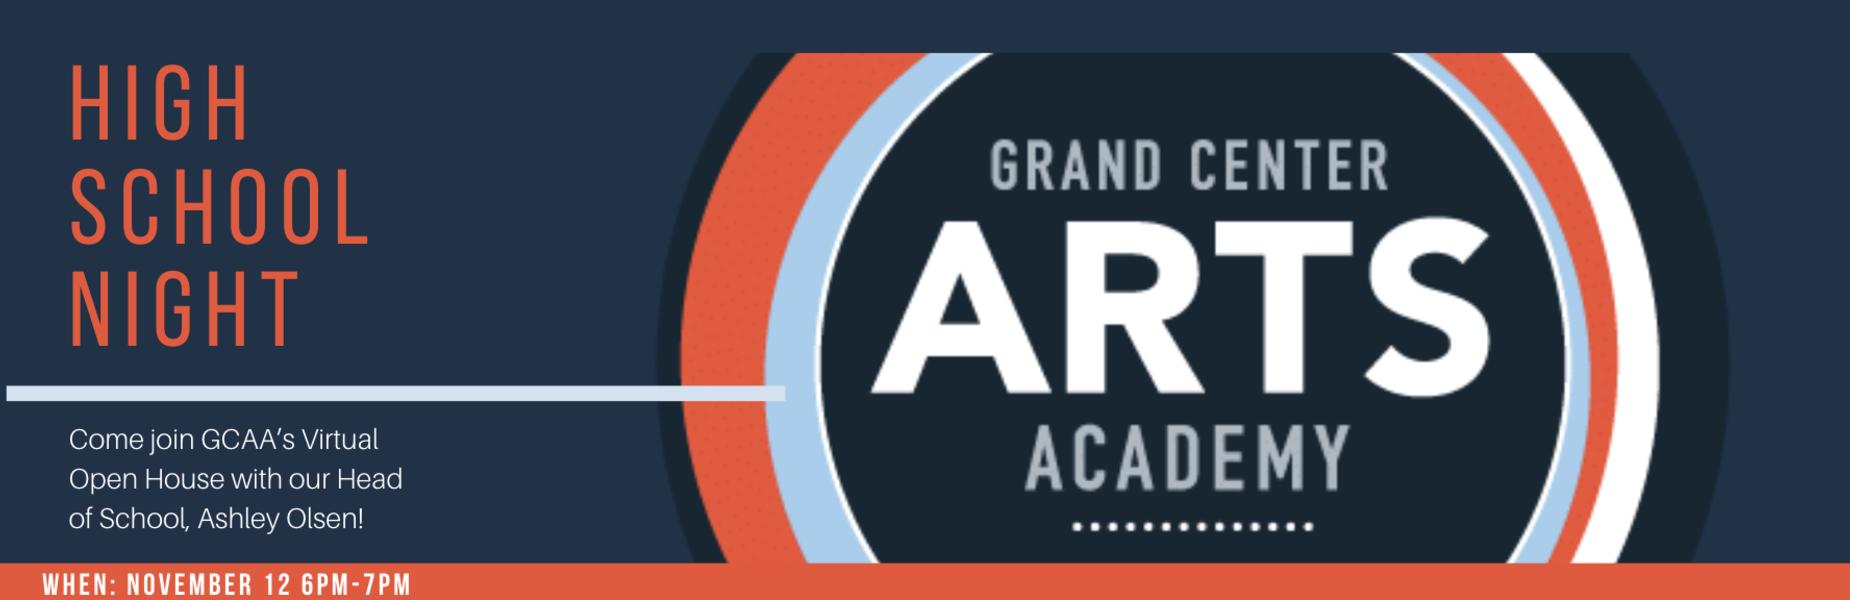 virtual open house grand center arts academy